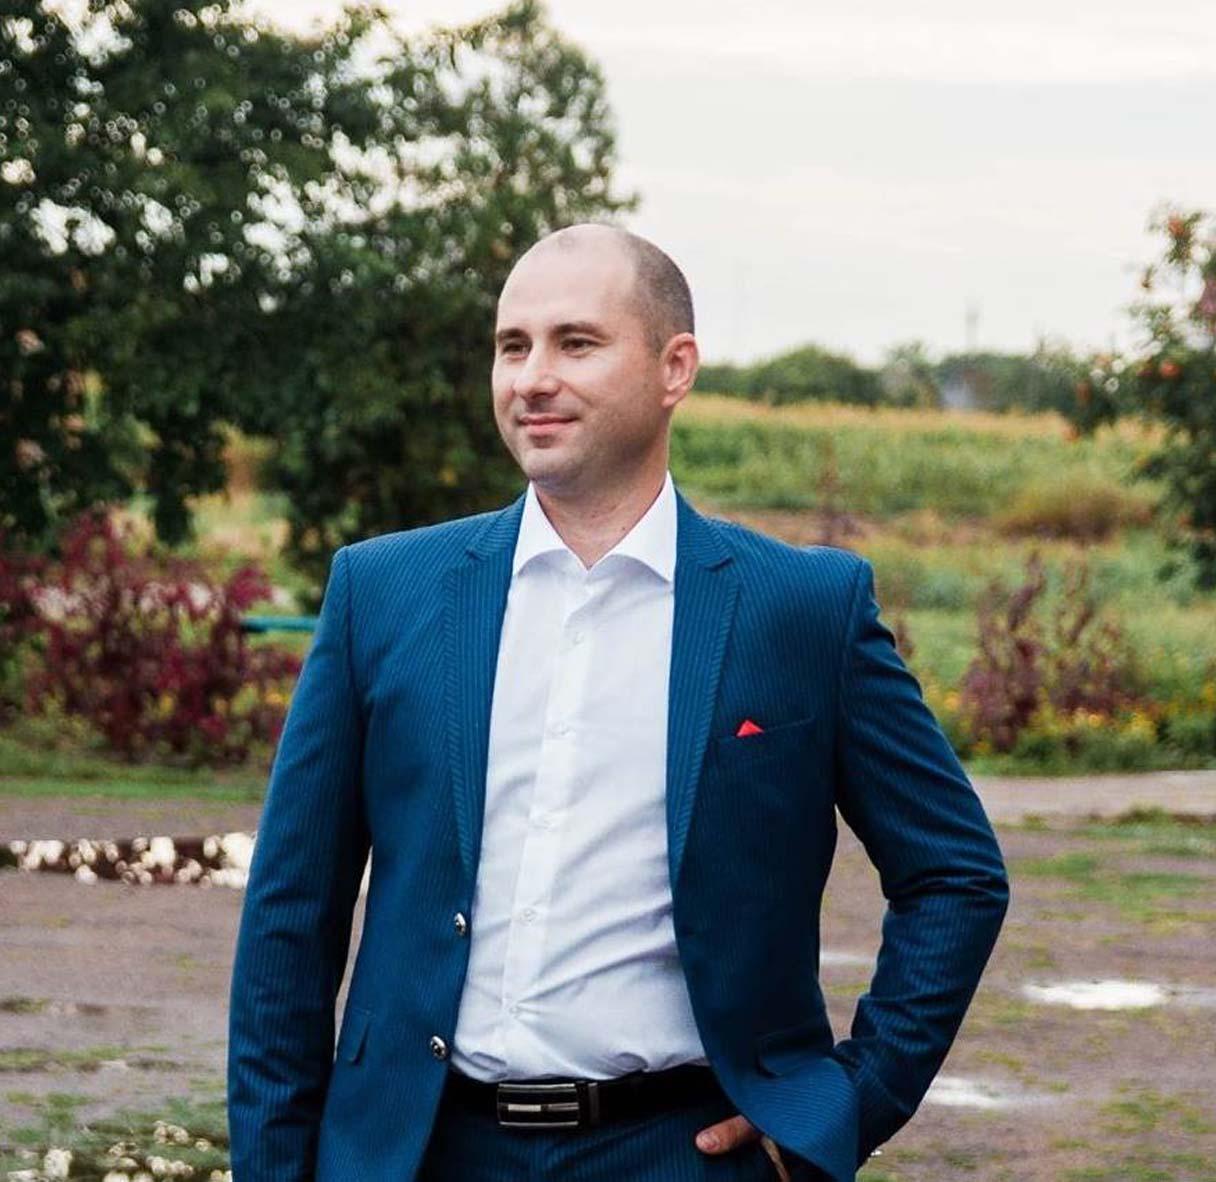 Андрей Решетник - Основатель и Руководитель SUPERBIS